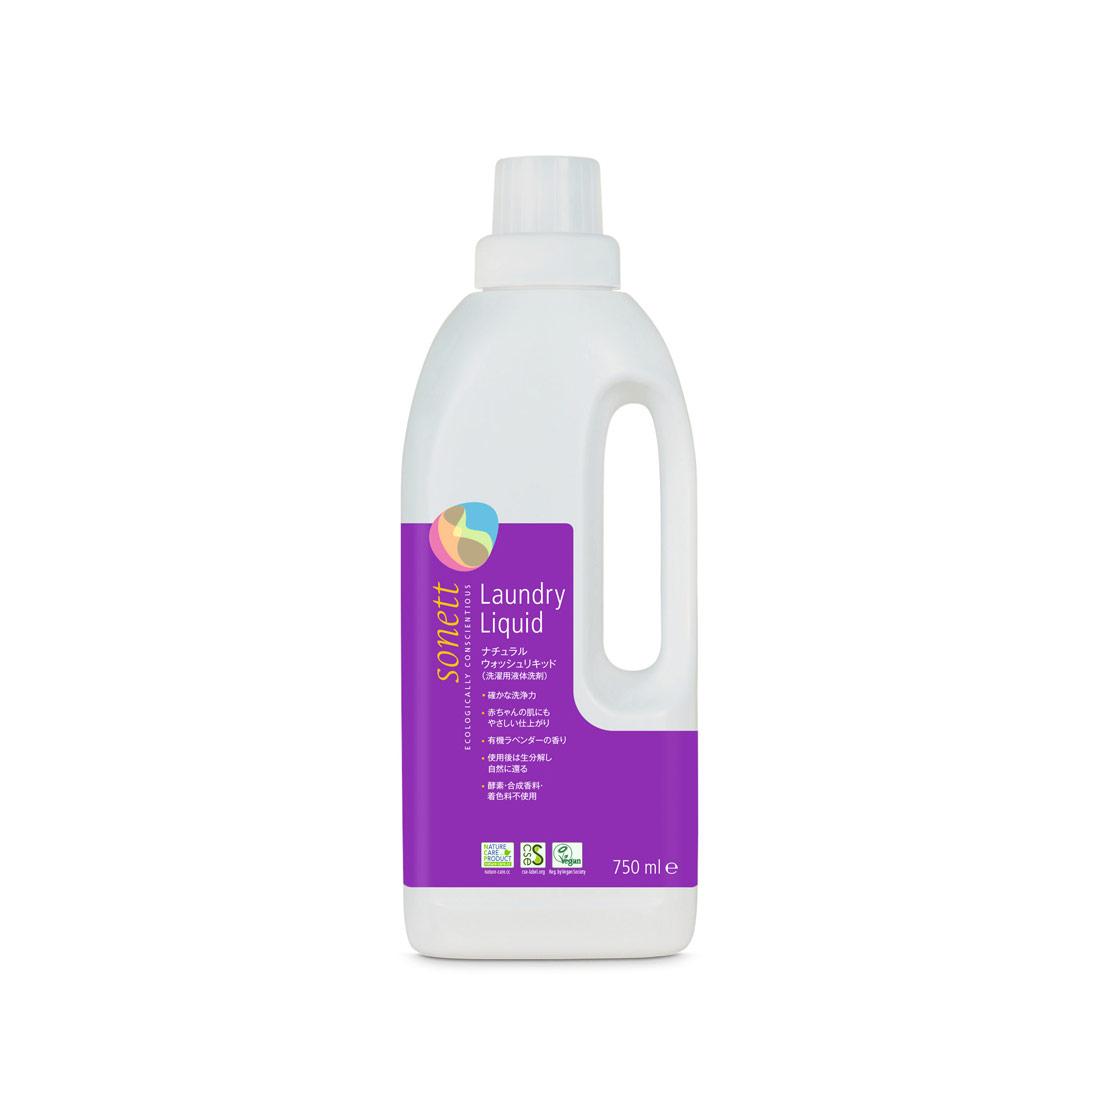 ソネット ナチュラルウォッシュリキッド(洗濯用洗剤・750ml)